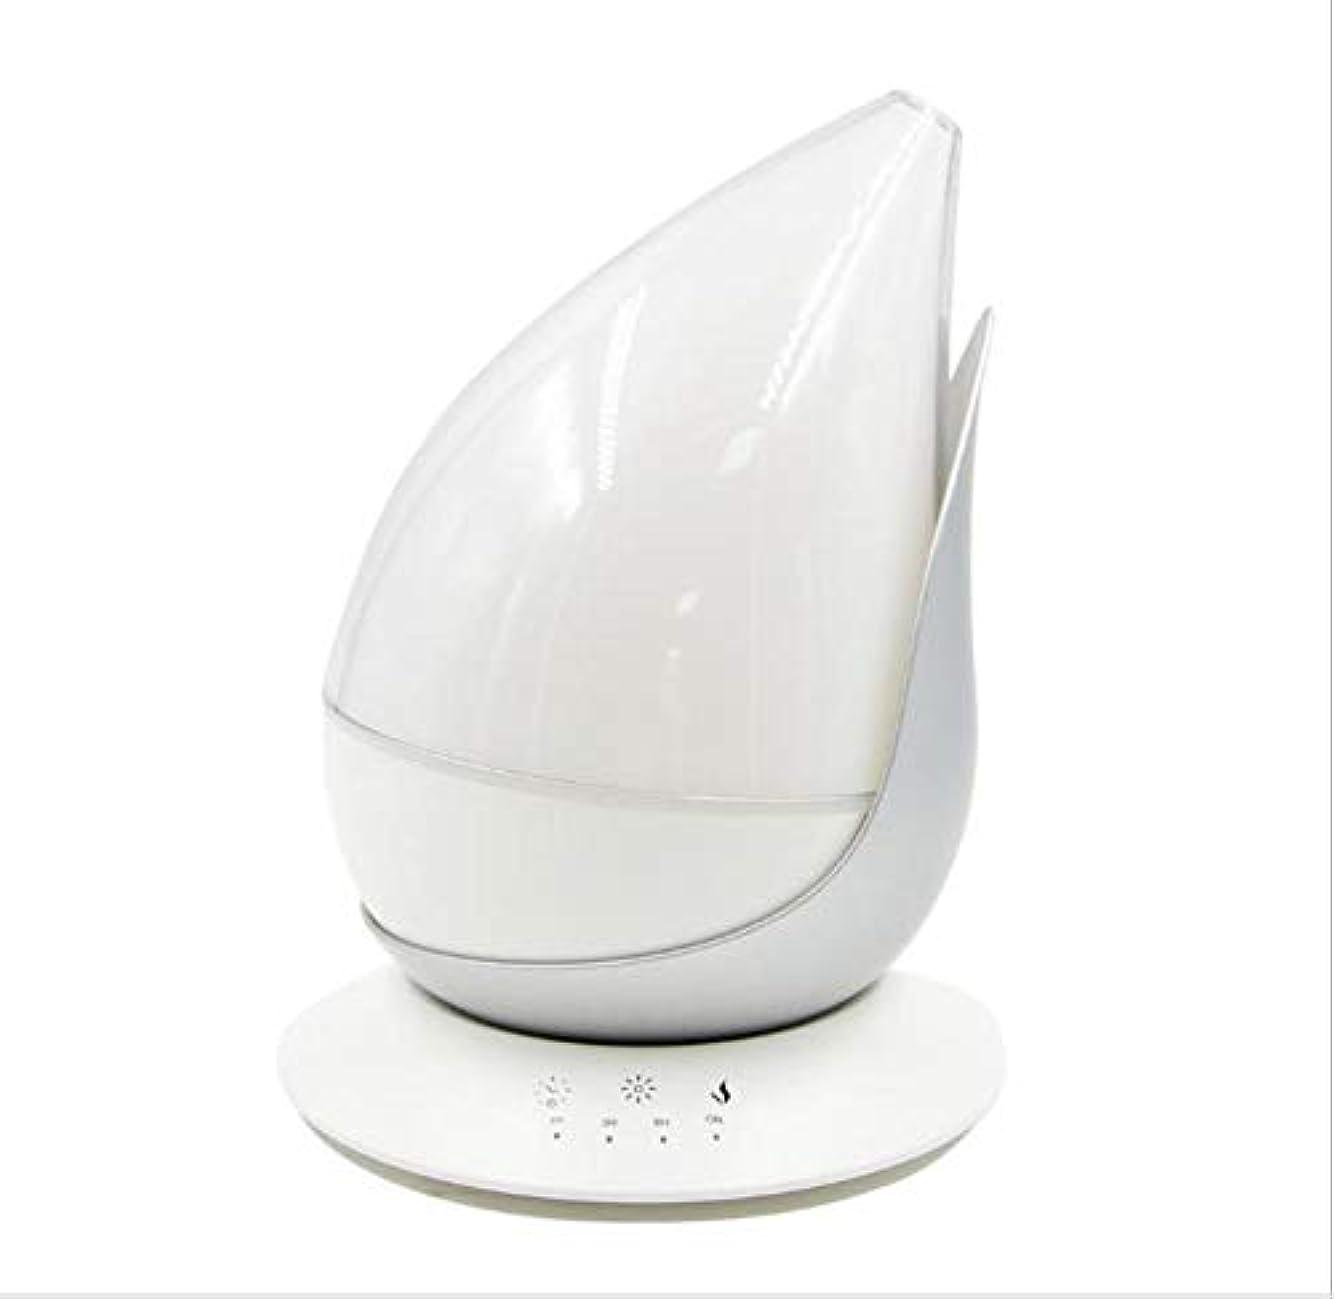 図形をドロップします。 涼しい霧 加湿器,7 色 デスクトップ 加湿機 時間 自動シャット ダウン-オフ 精油 ディフューザー アロマネブライザー ホーム オフィス- 350ml